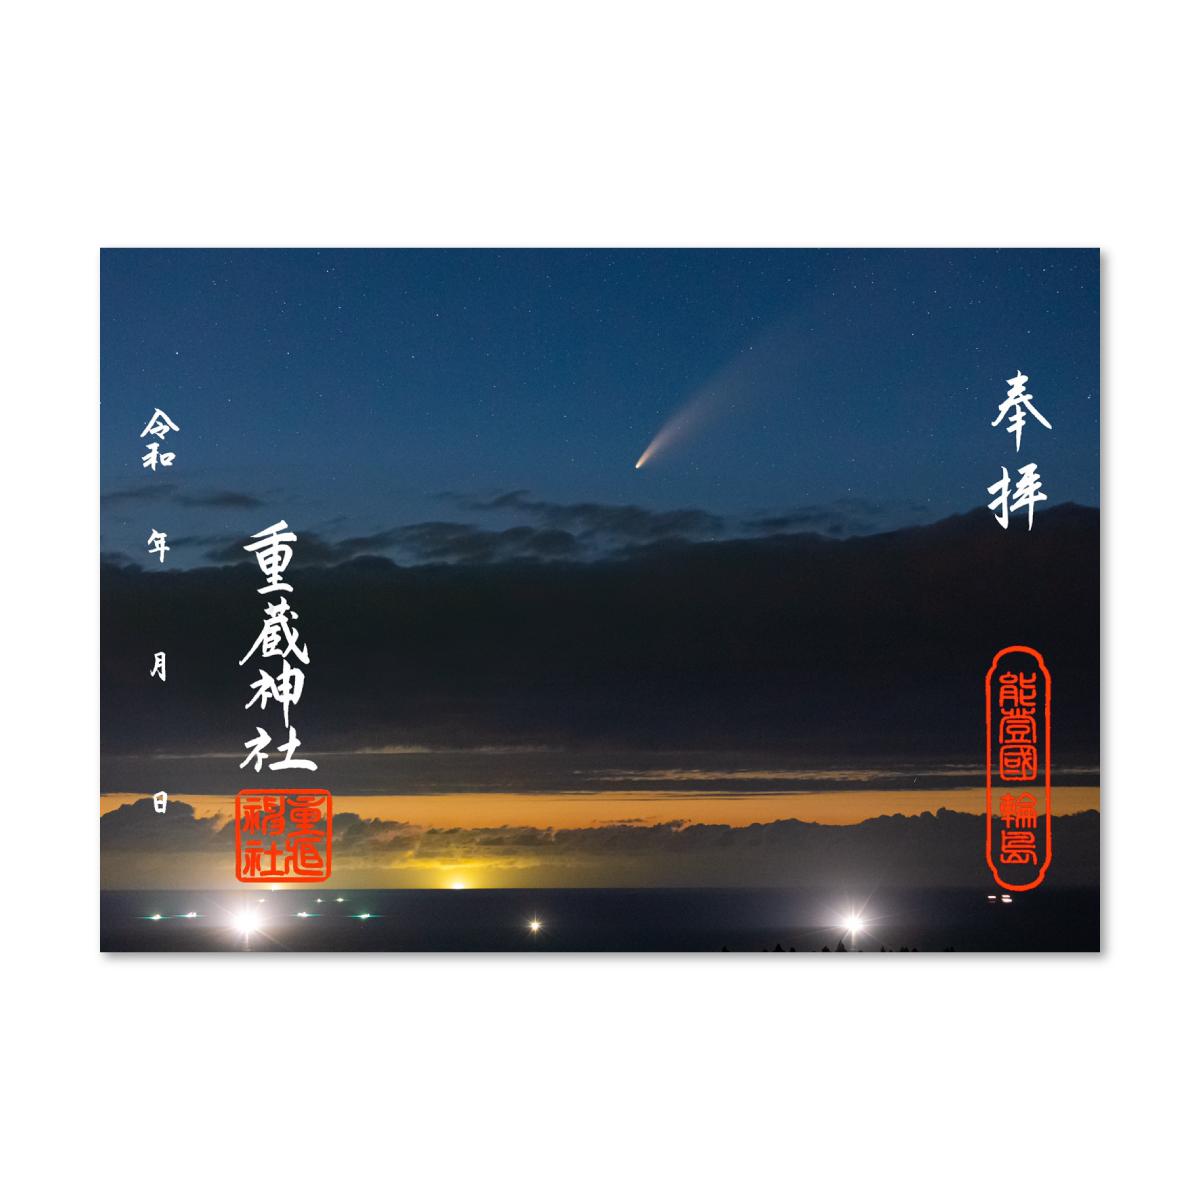 49.彗星と漁火(大)